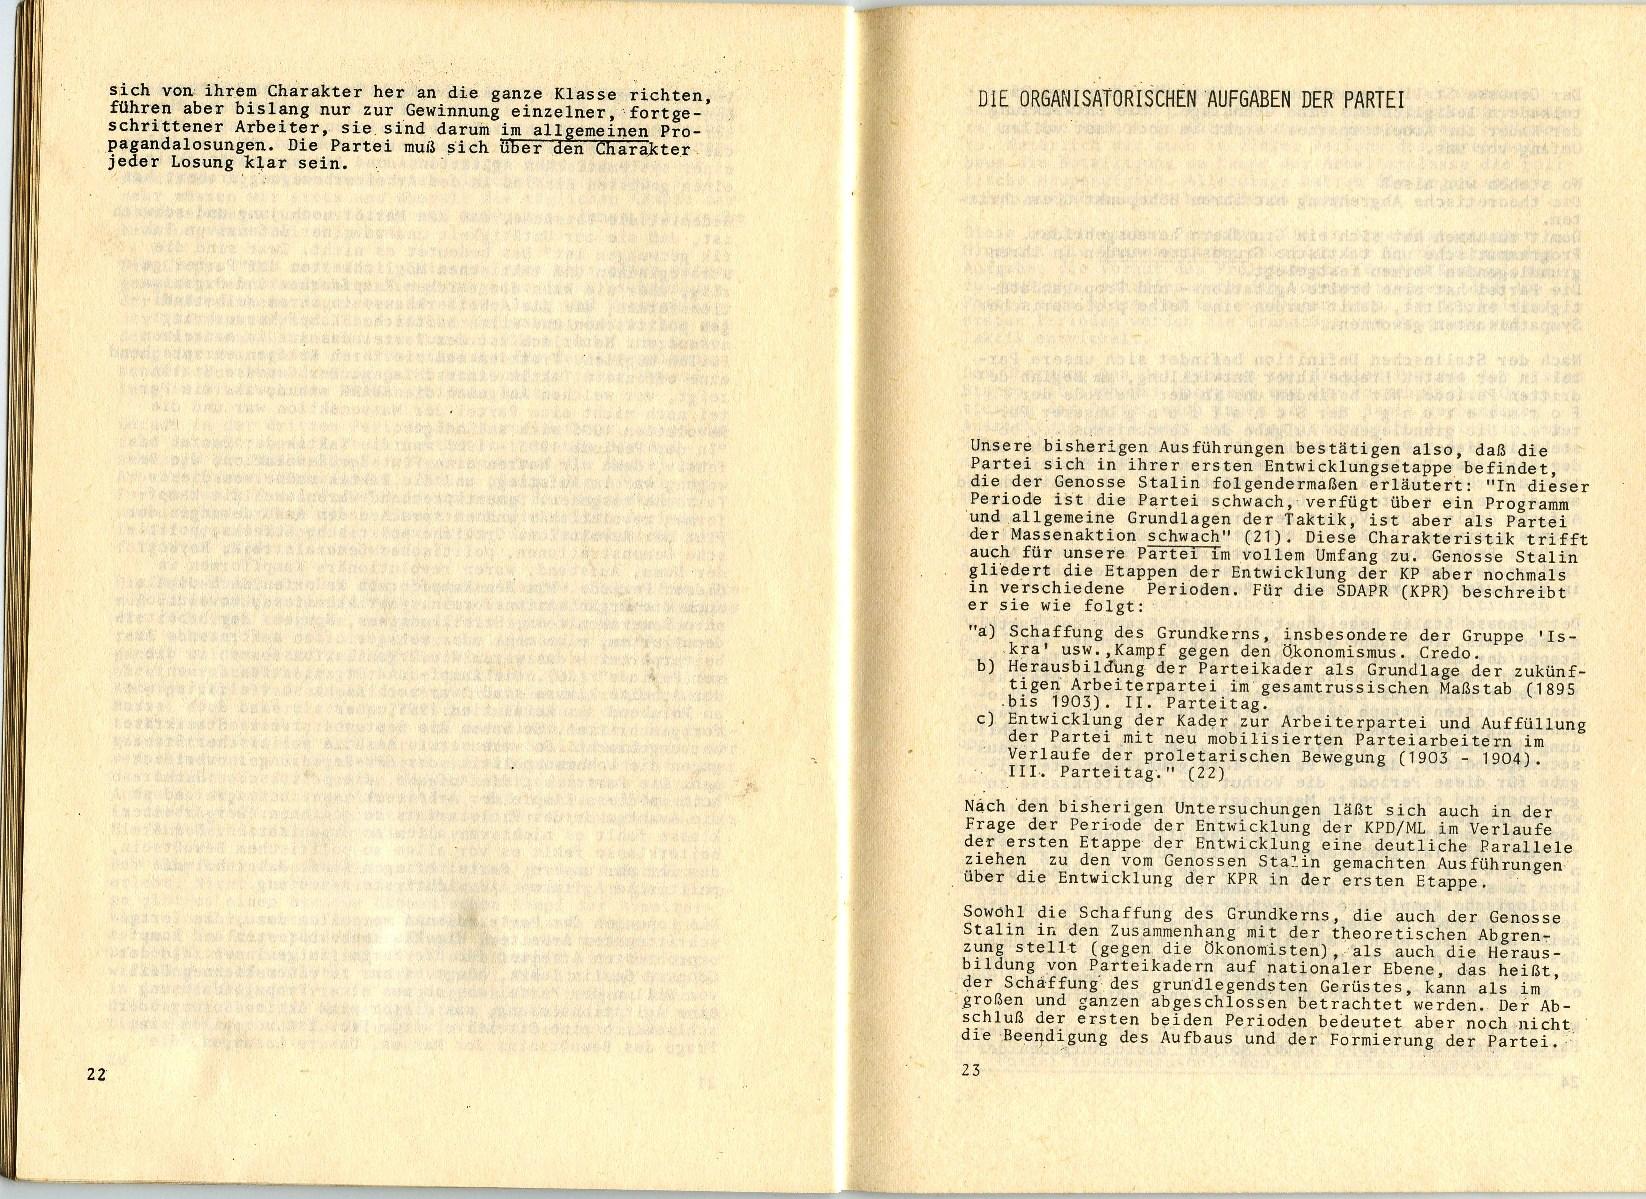 ZB_Etappen_Parteiaufbau_1971_18